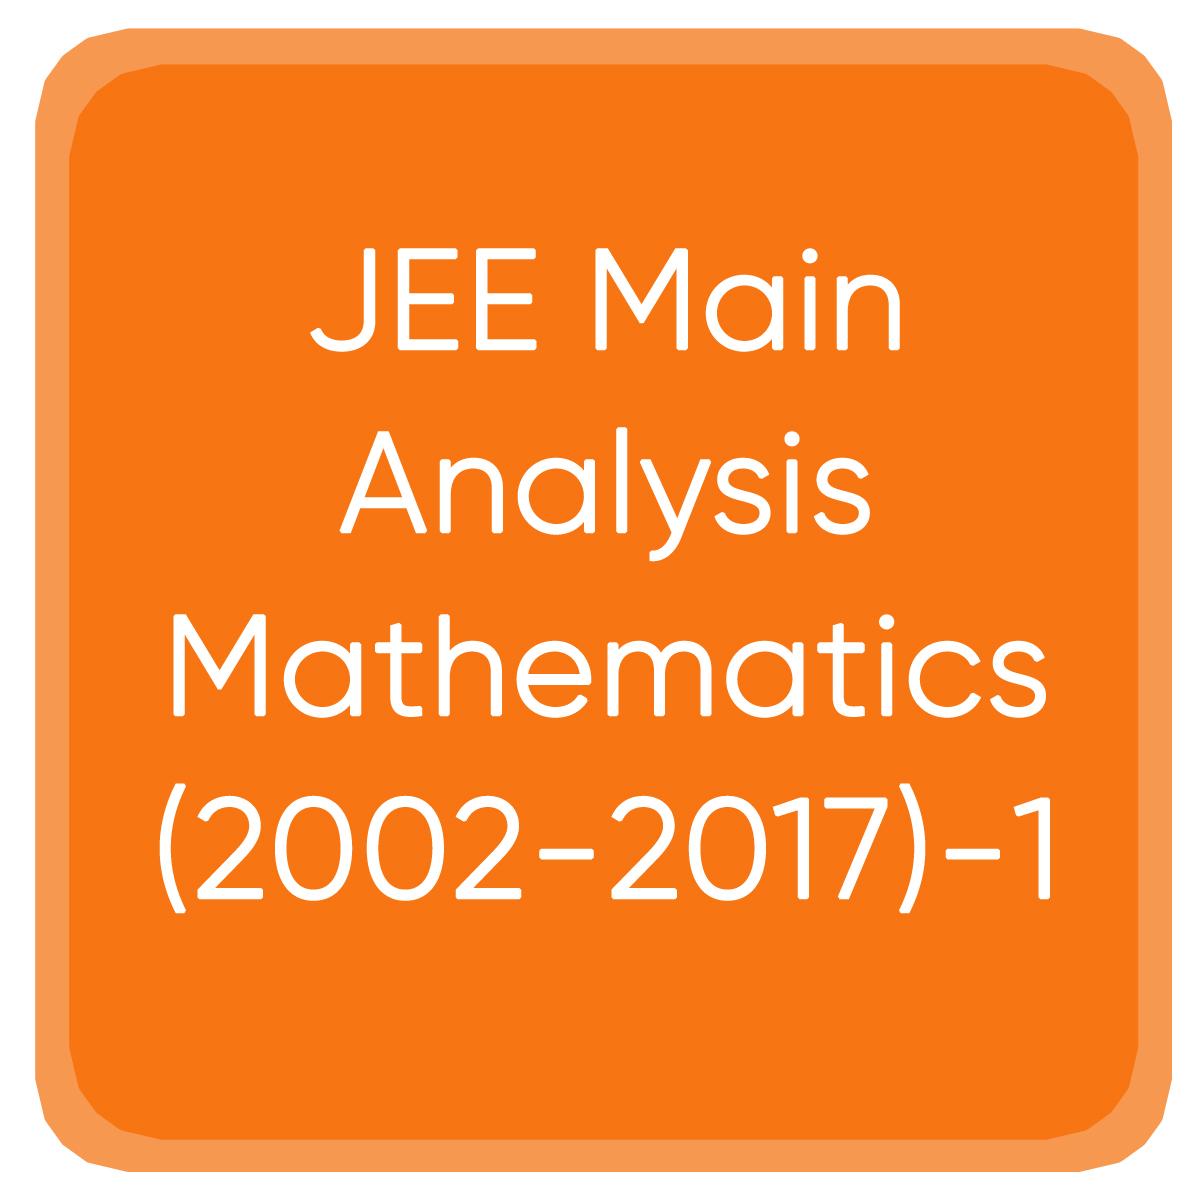 JEE Main Analysis Mathematics(2002-2017)-1